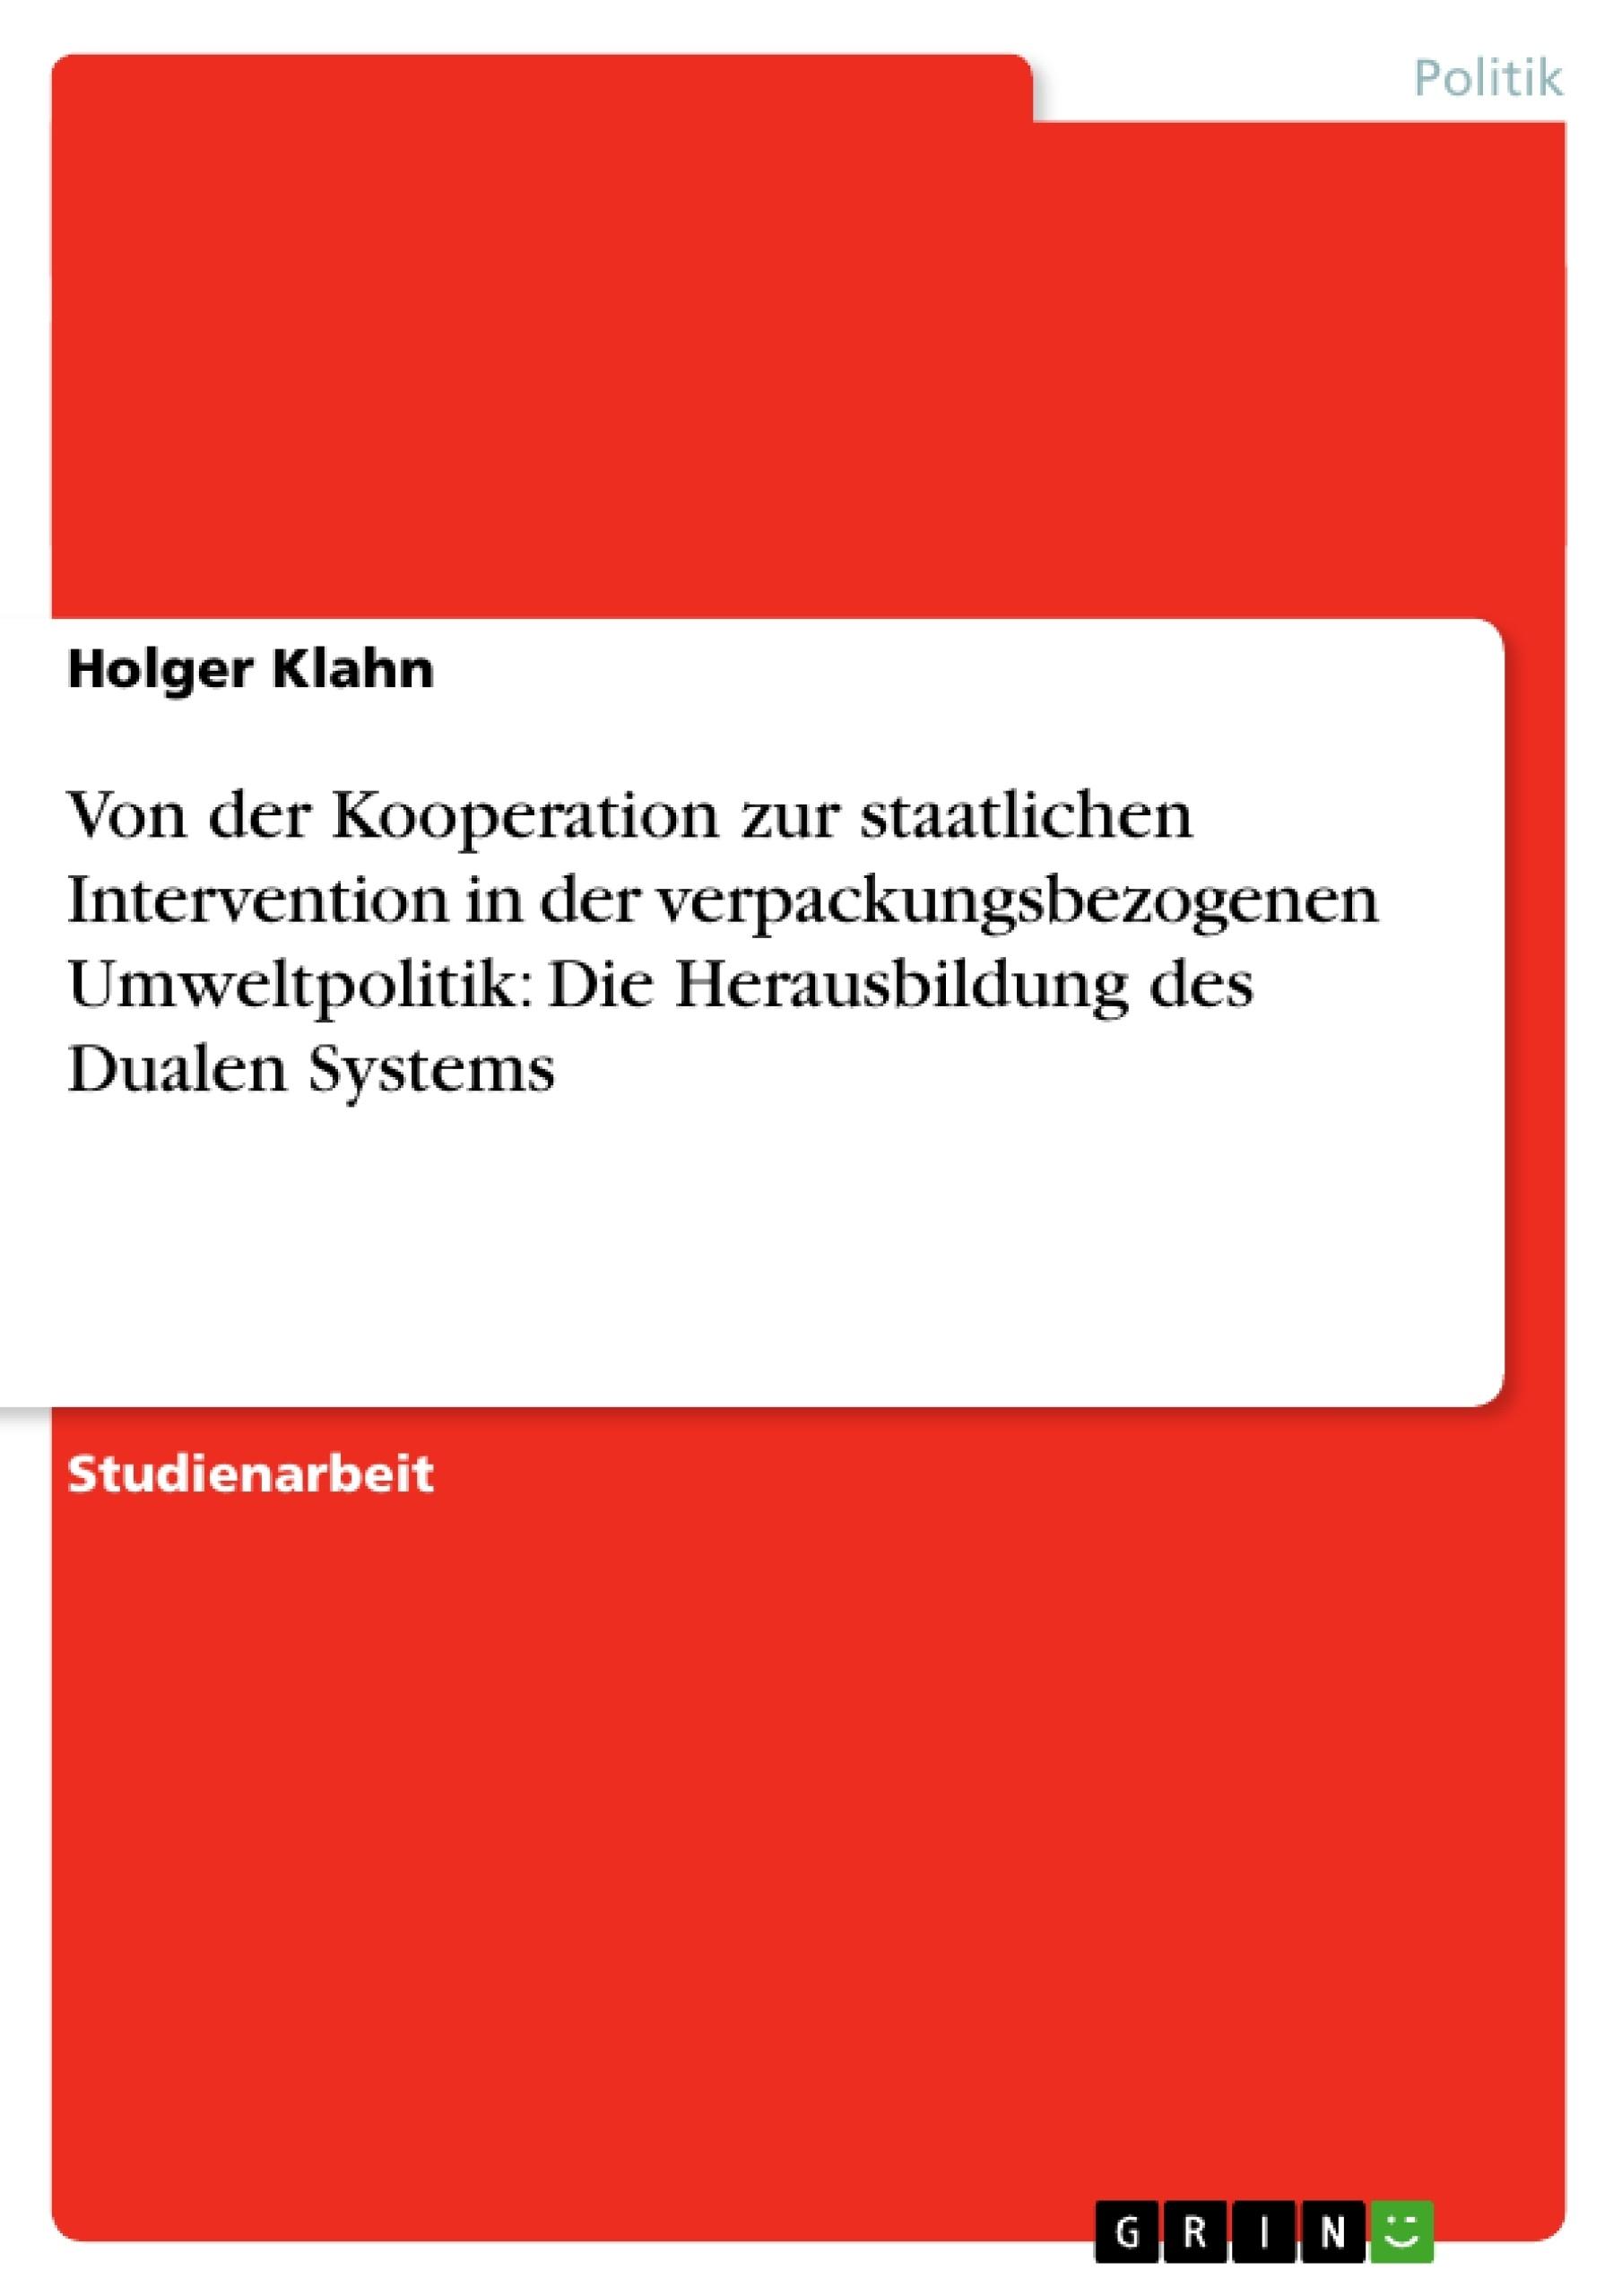 Titel: Von der Kooperation zur staatlichen Intervention in der verpackungsbezogenen Umweltpolitik: Die Herausbildung des Dualen Systems